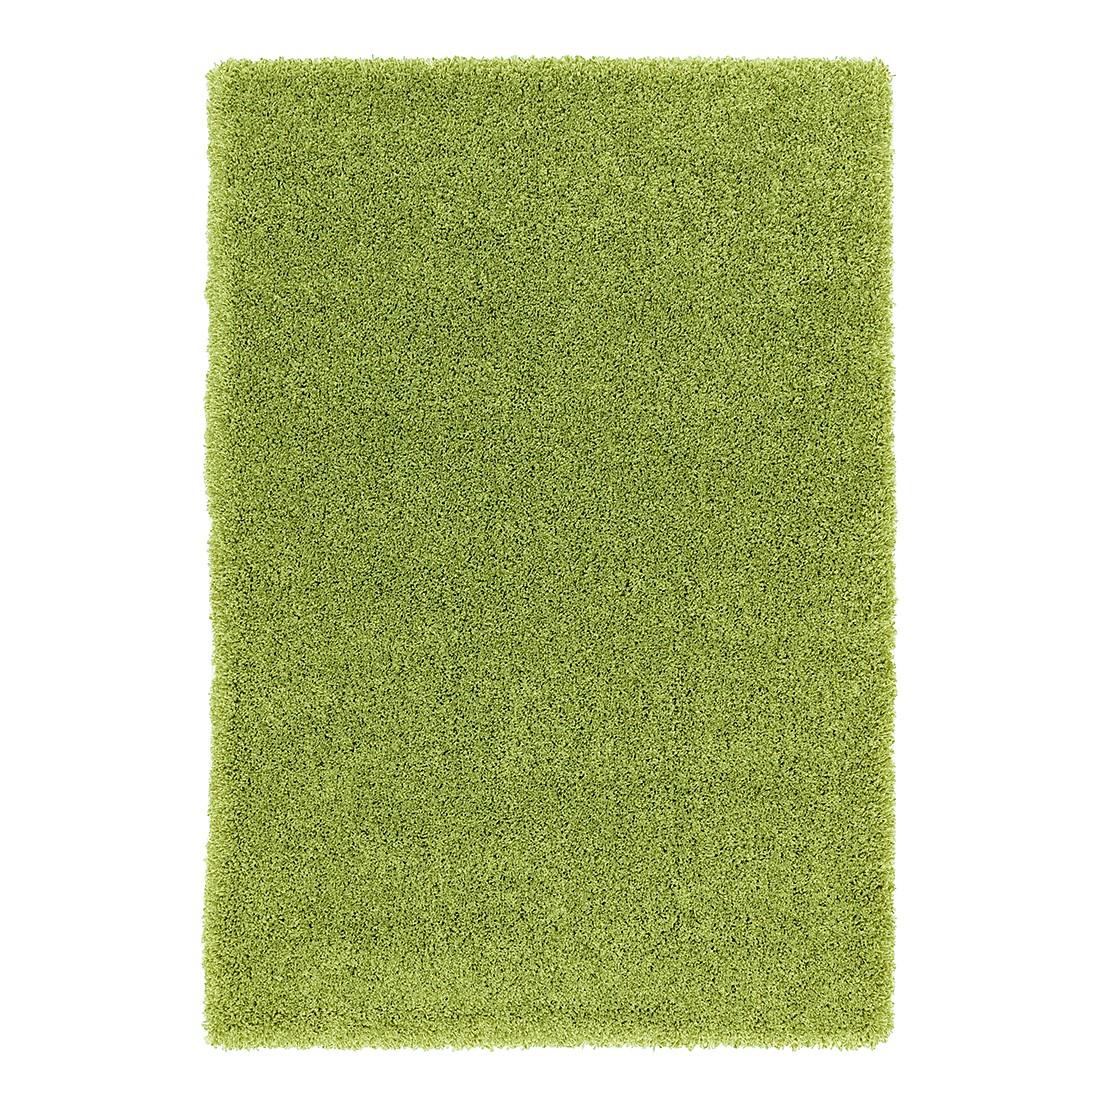 Teppich Como – Grün – 160 x 230 cm, Astra günstig bestellen